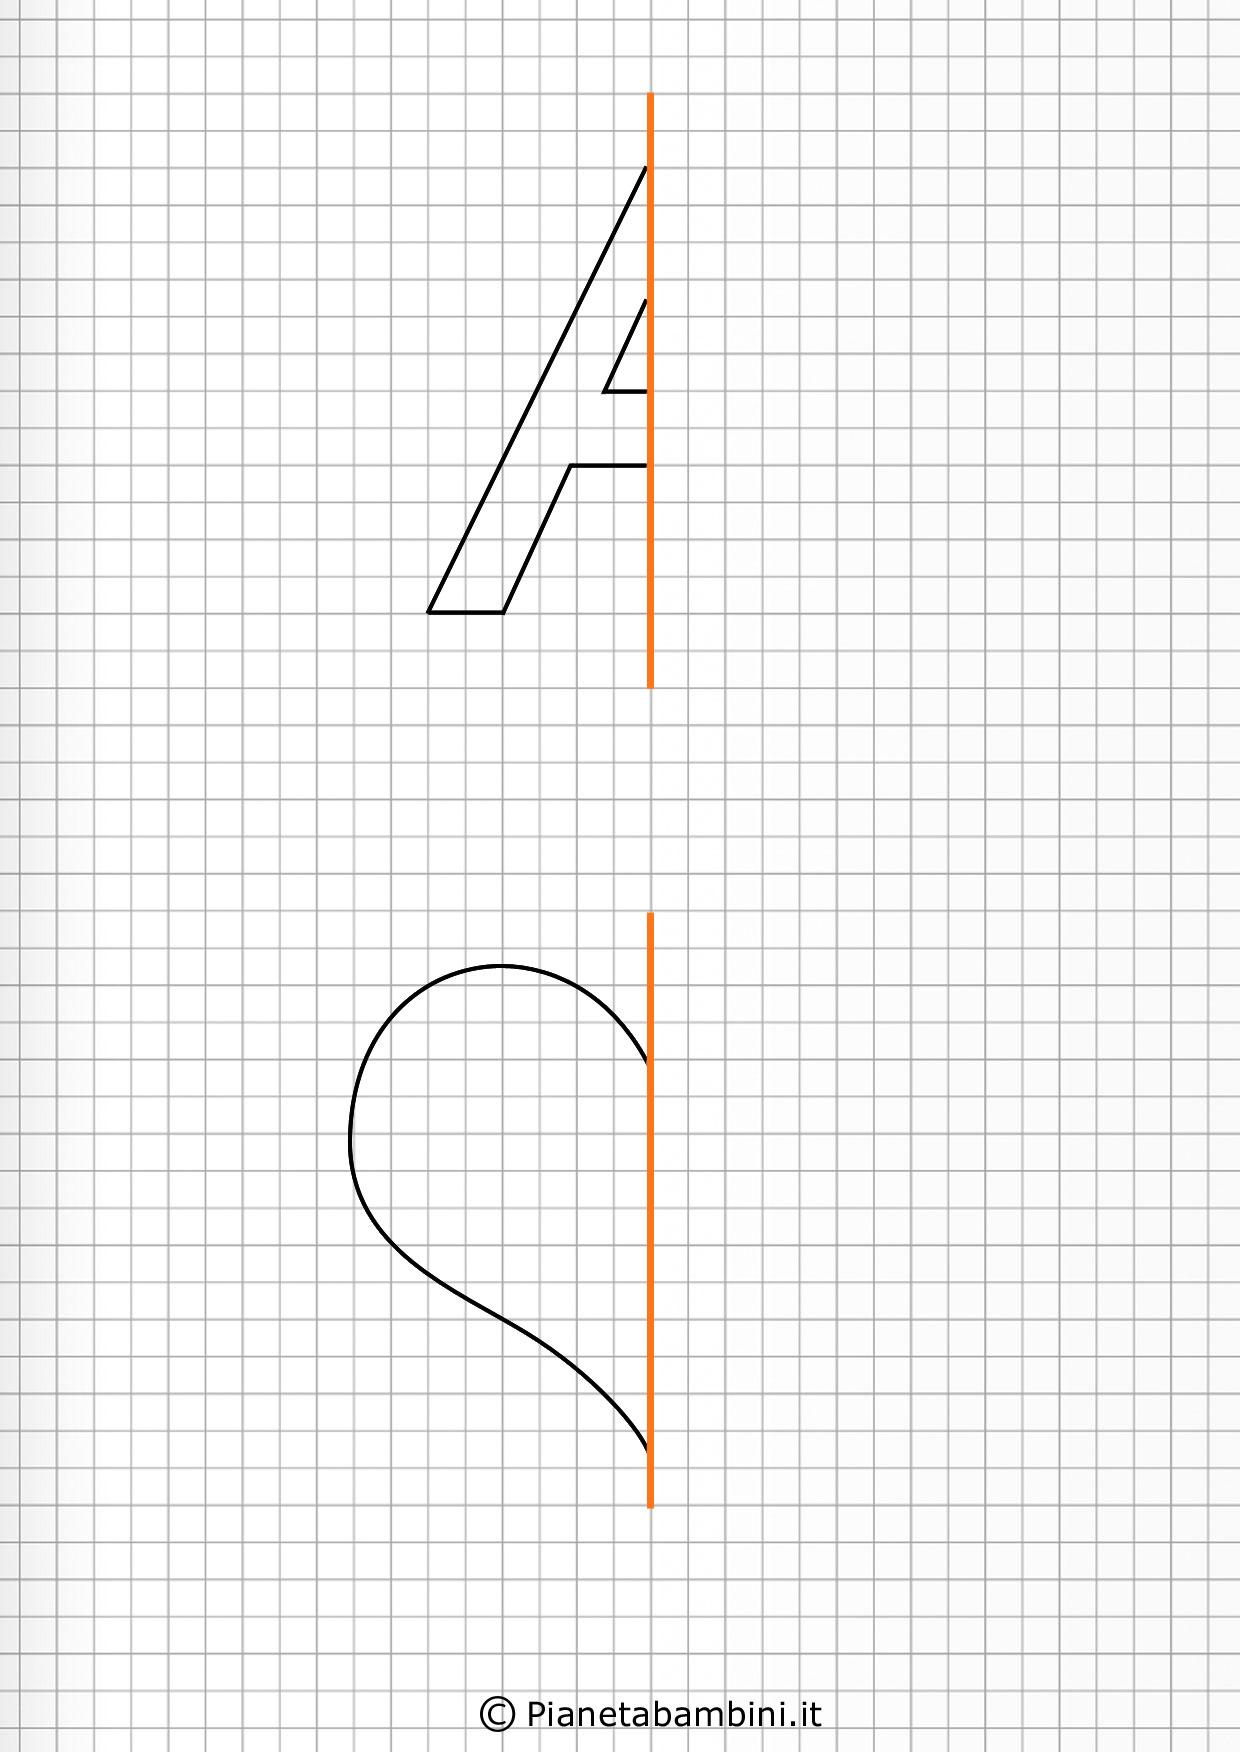 Giochi di simmetria per bambini disegni da completare for Giochi da disegnare e colorare